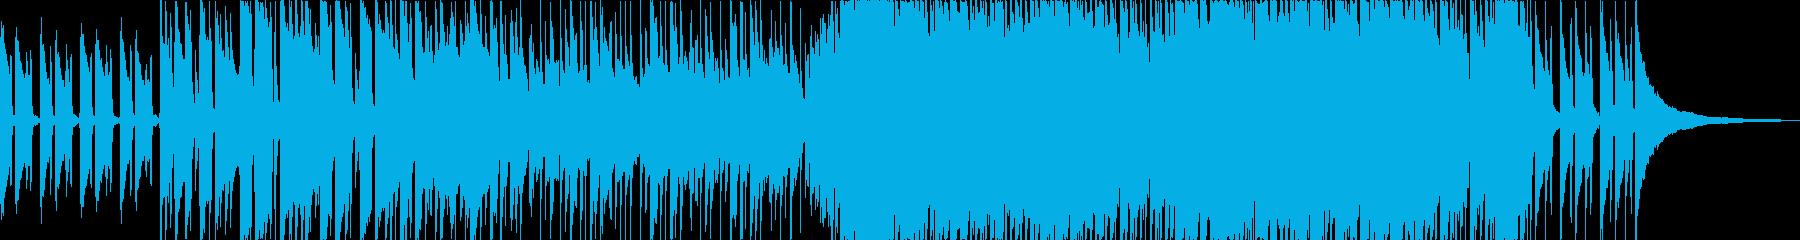 爽やかUK感のあるアコースティックポップの再生済みの波形